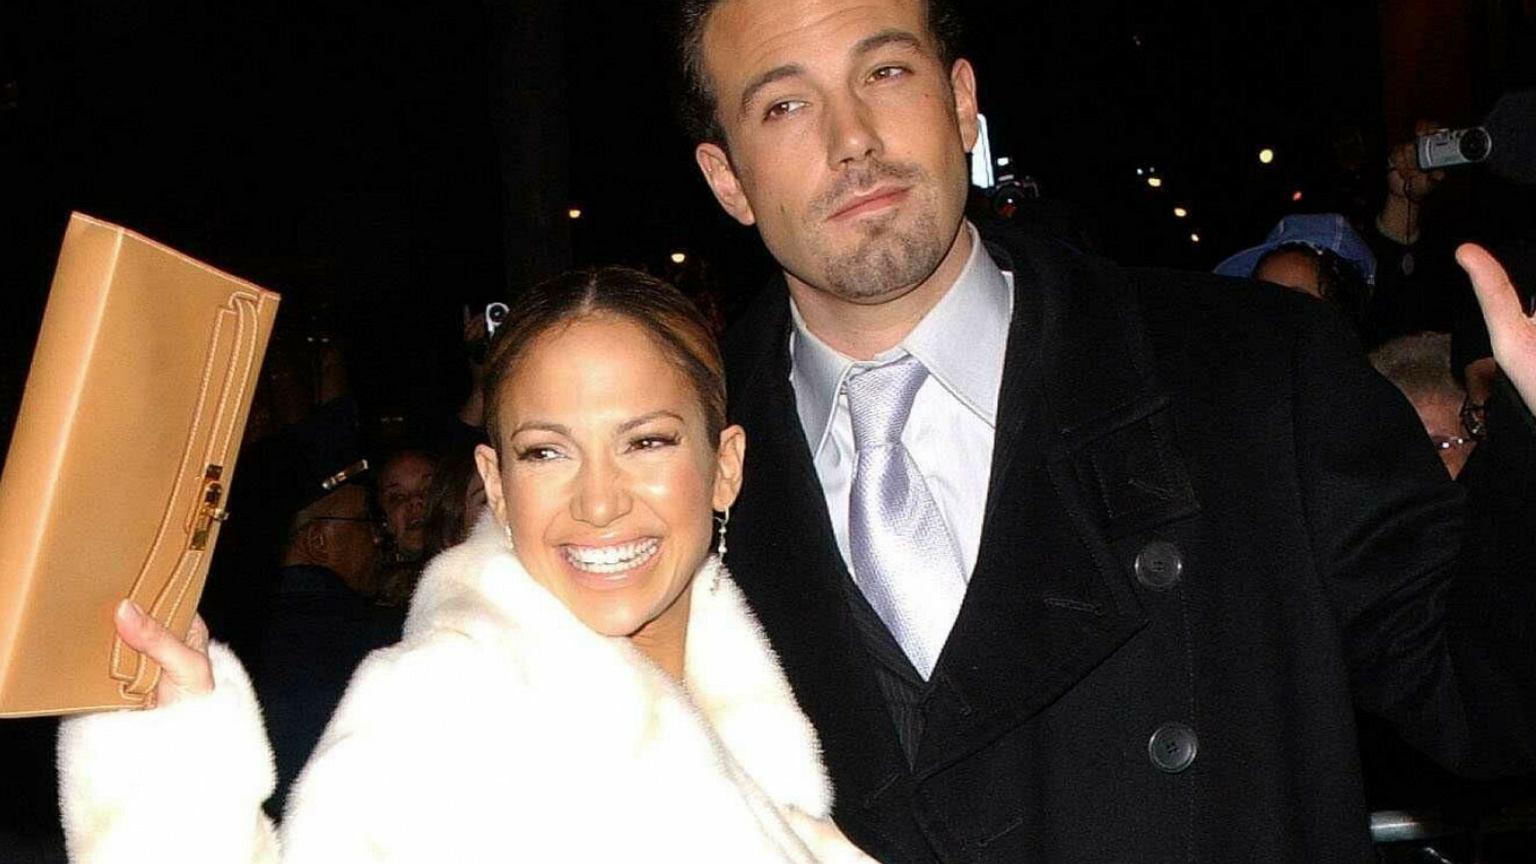 Jennifer Lopez oficjalnie potwierdziła związek z Benem Affleckiem. Opublikowała bardzo romantyczne zdjęcie.